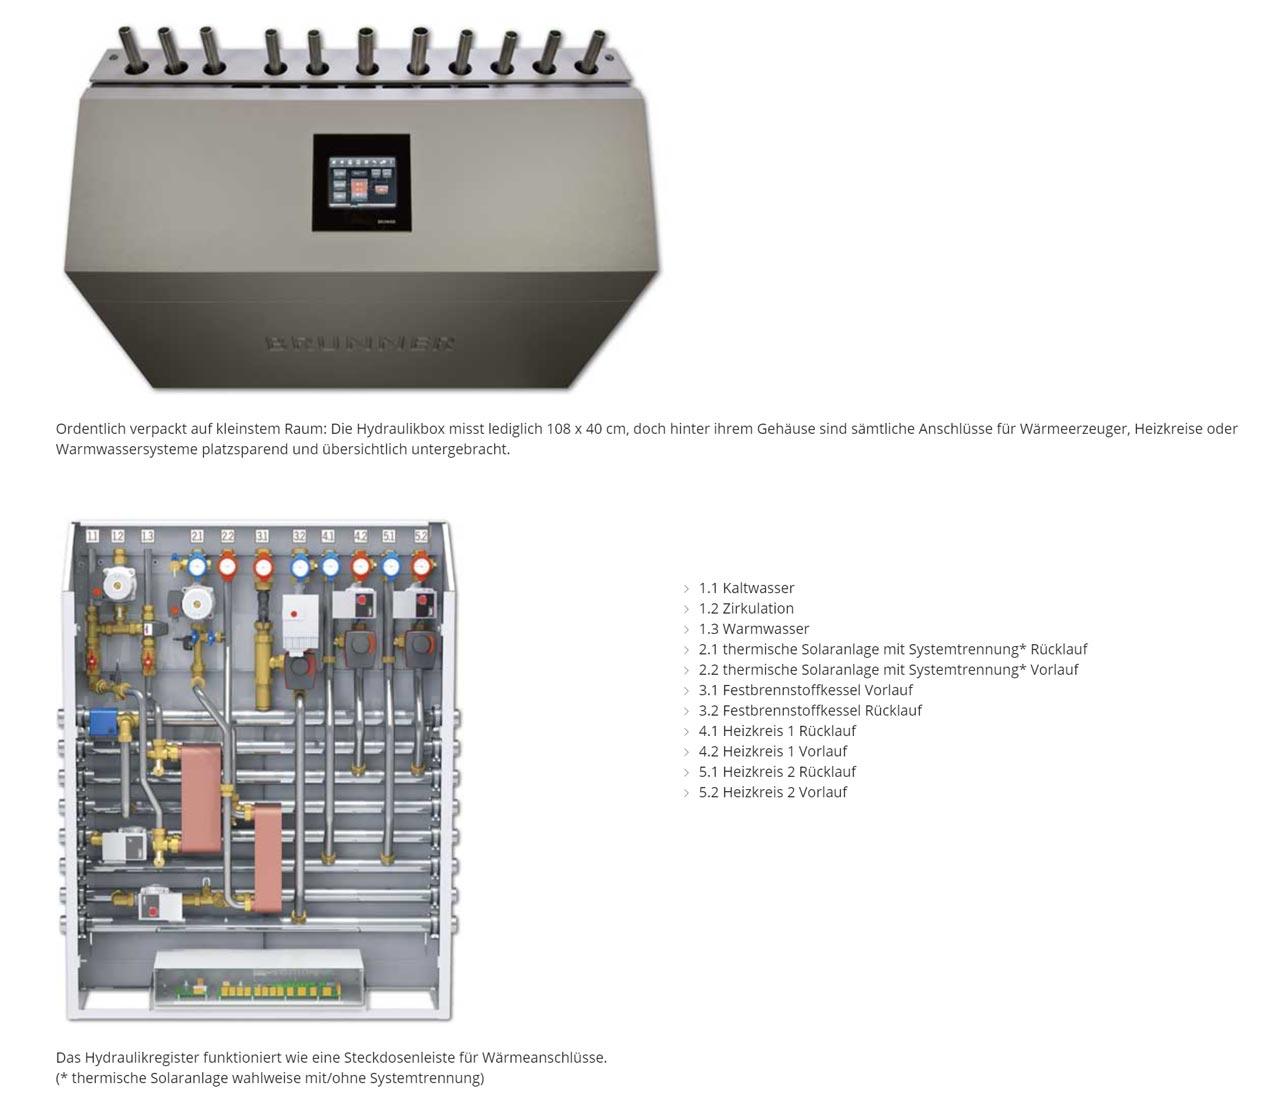 Die Brunner BHZ ist eine modulartig aufgebaute Heizzentrale inkl. Steuerung welche verschiedene Wärmeerzeuger und verschiedene Verbrauer managt und den für Sie nötigen Informationsstand auf ein Display zur Sichtbarkeit bringt.